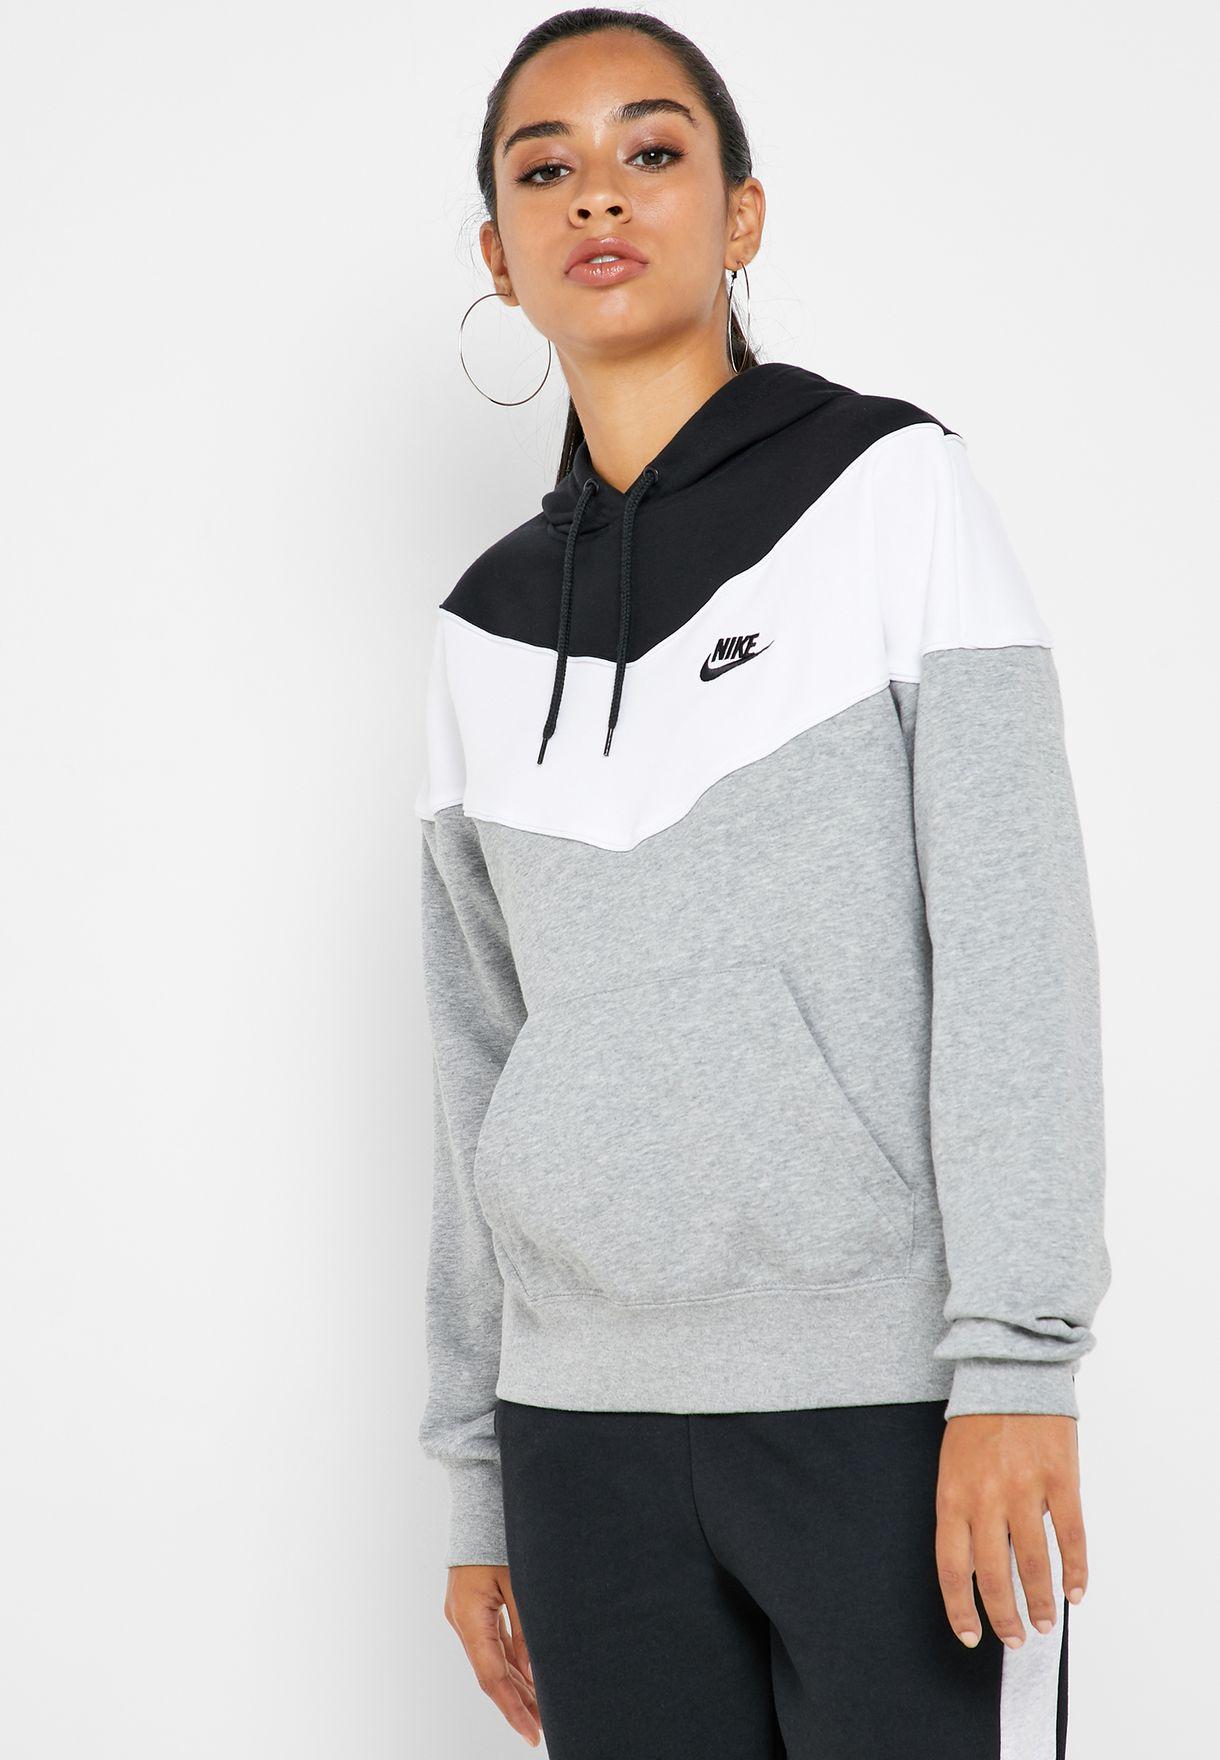 Nike WMNS NSW Heritage Hoodie SB (BV4956) ab 43,89